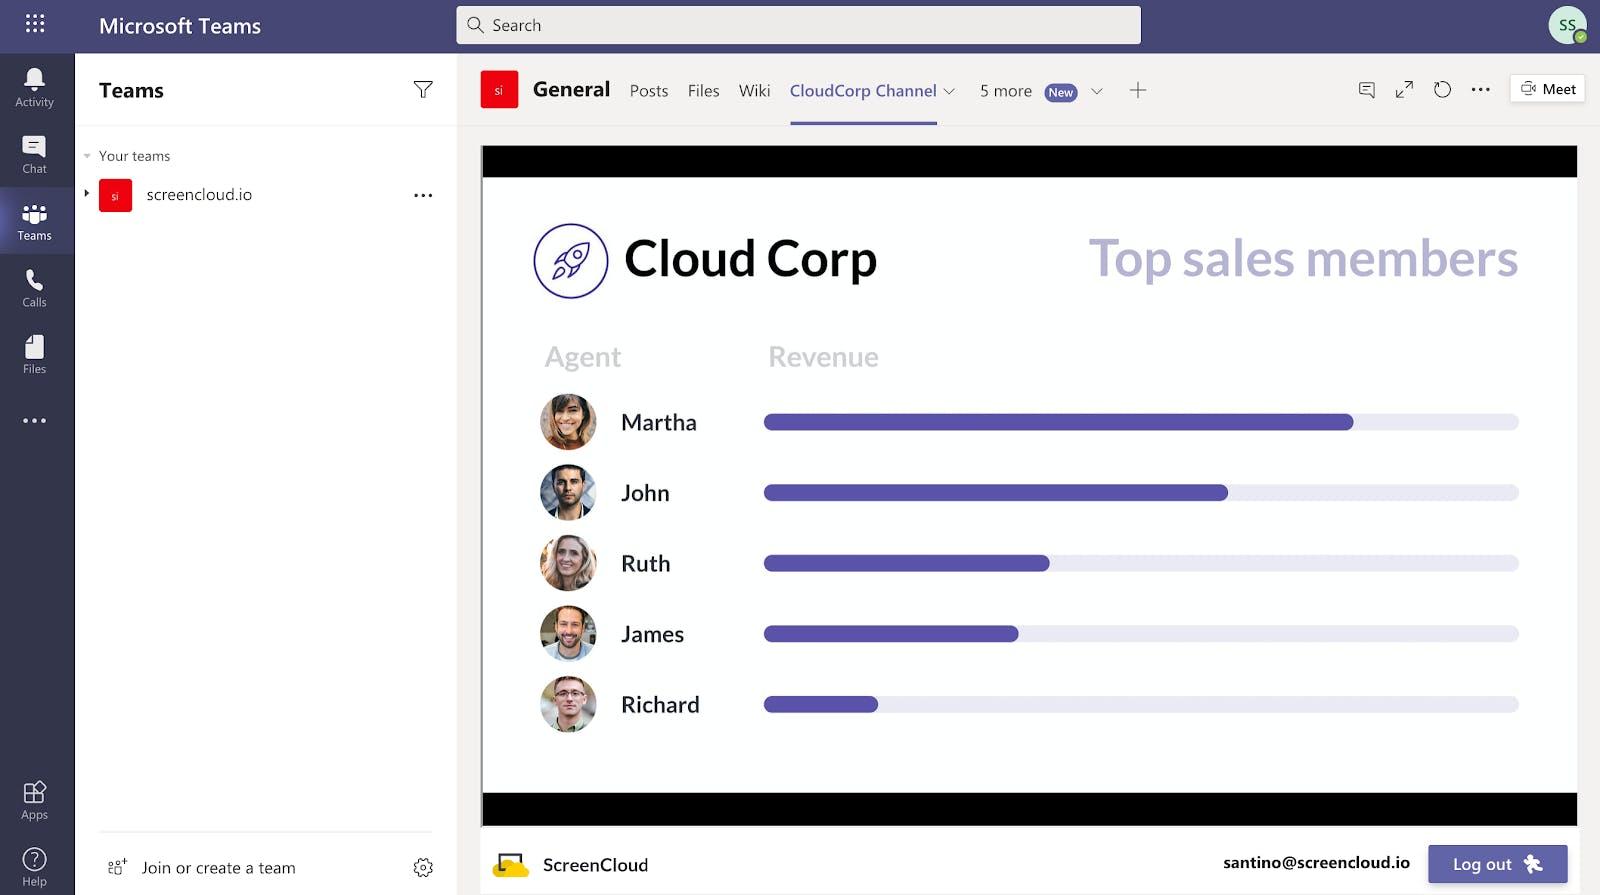 ScreenCloud App for Microsoft Teams - Display Image 11.03.2020.png